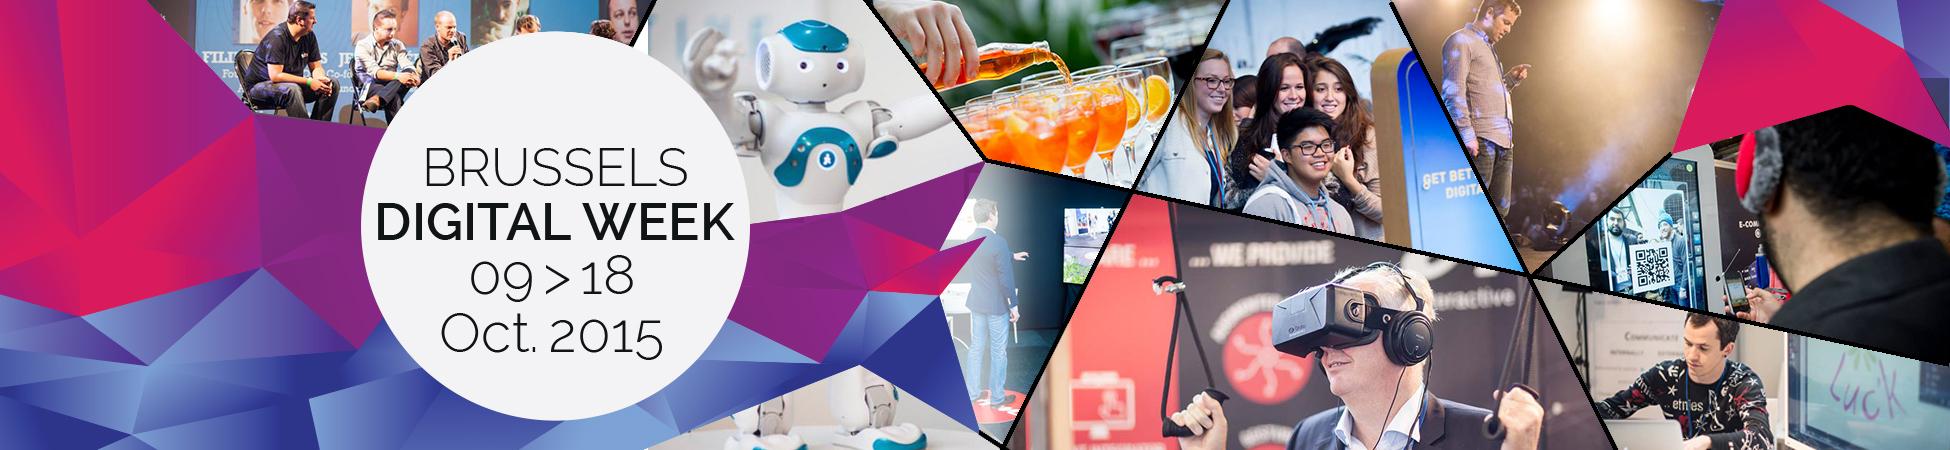 Brussels Digital Week